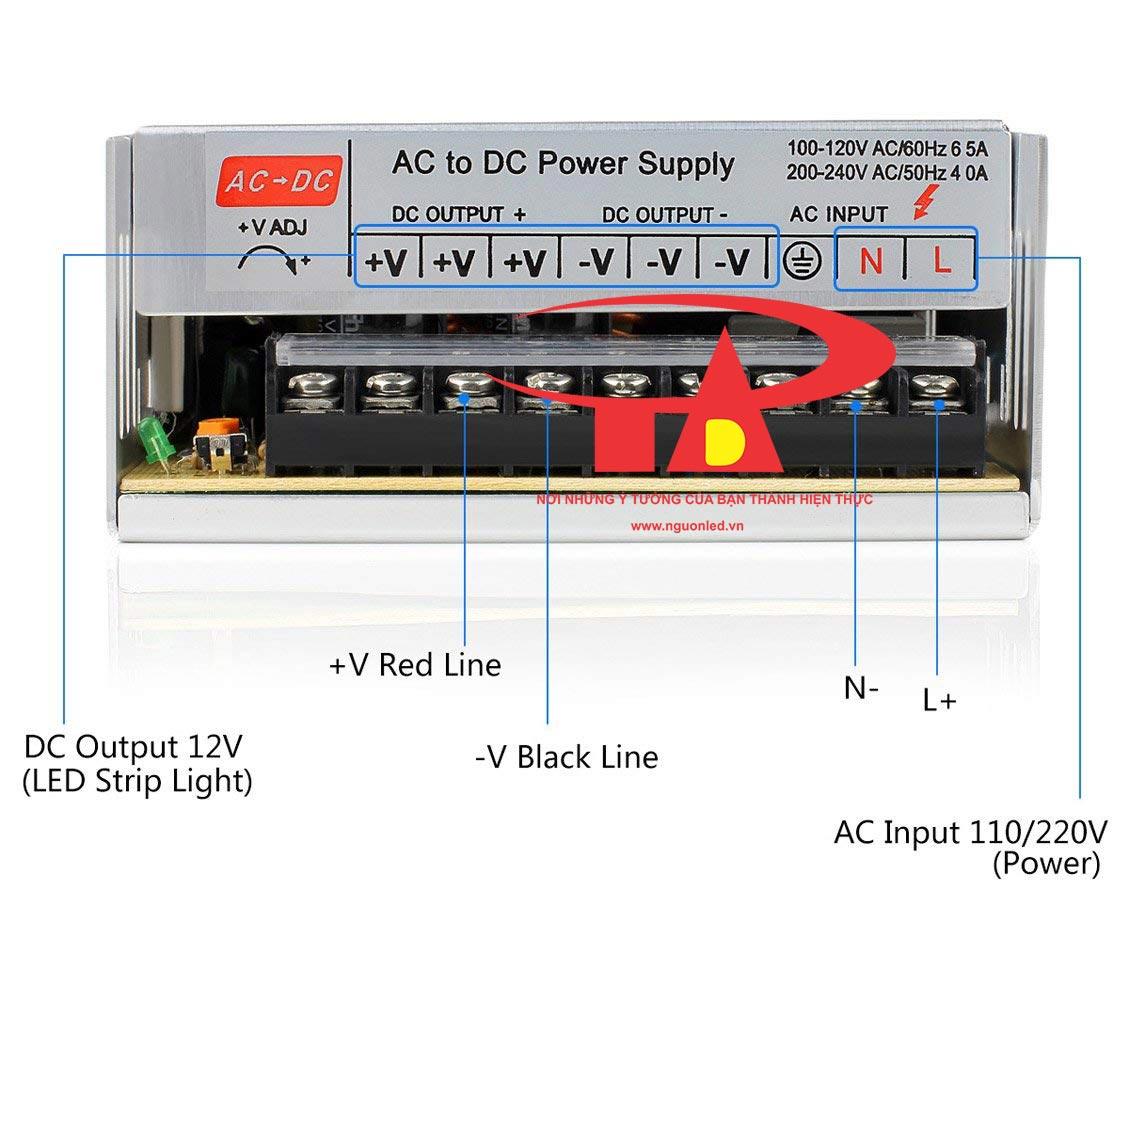 Hướng dẫn Kí hiệu kết nối trên bộ nguồn tổng DC5V